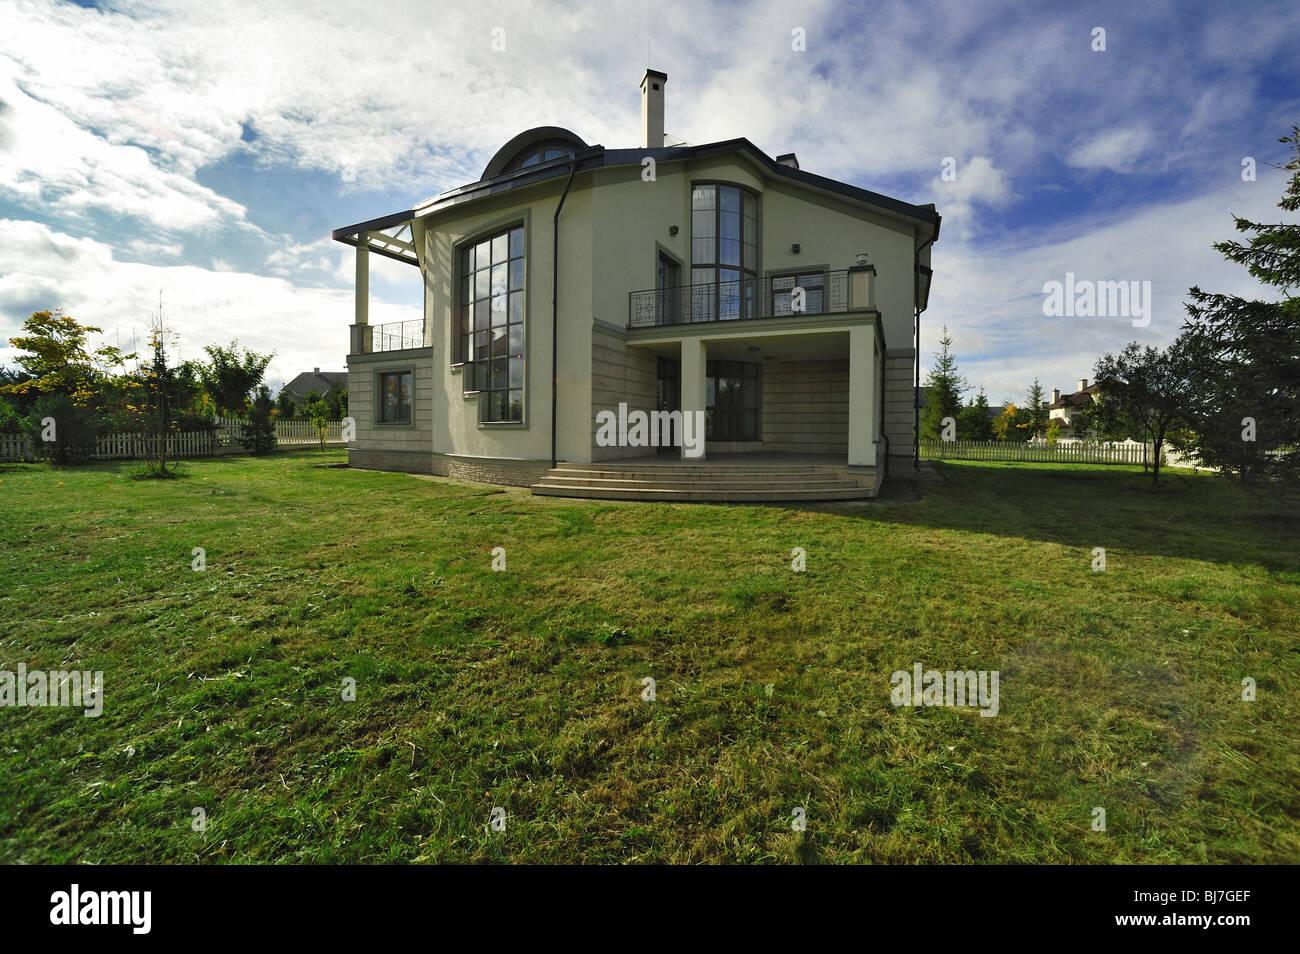 Landhaus Architektur Stockfoto Bild 28440791 Alamy